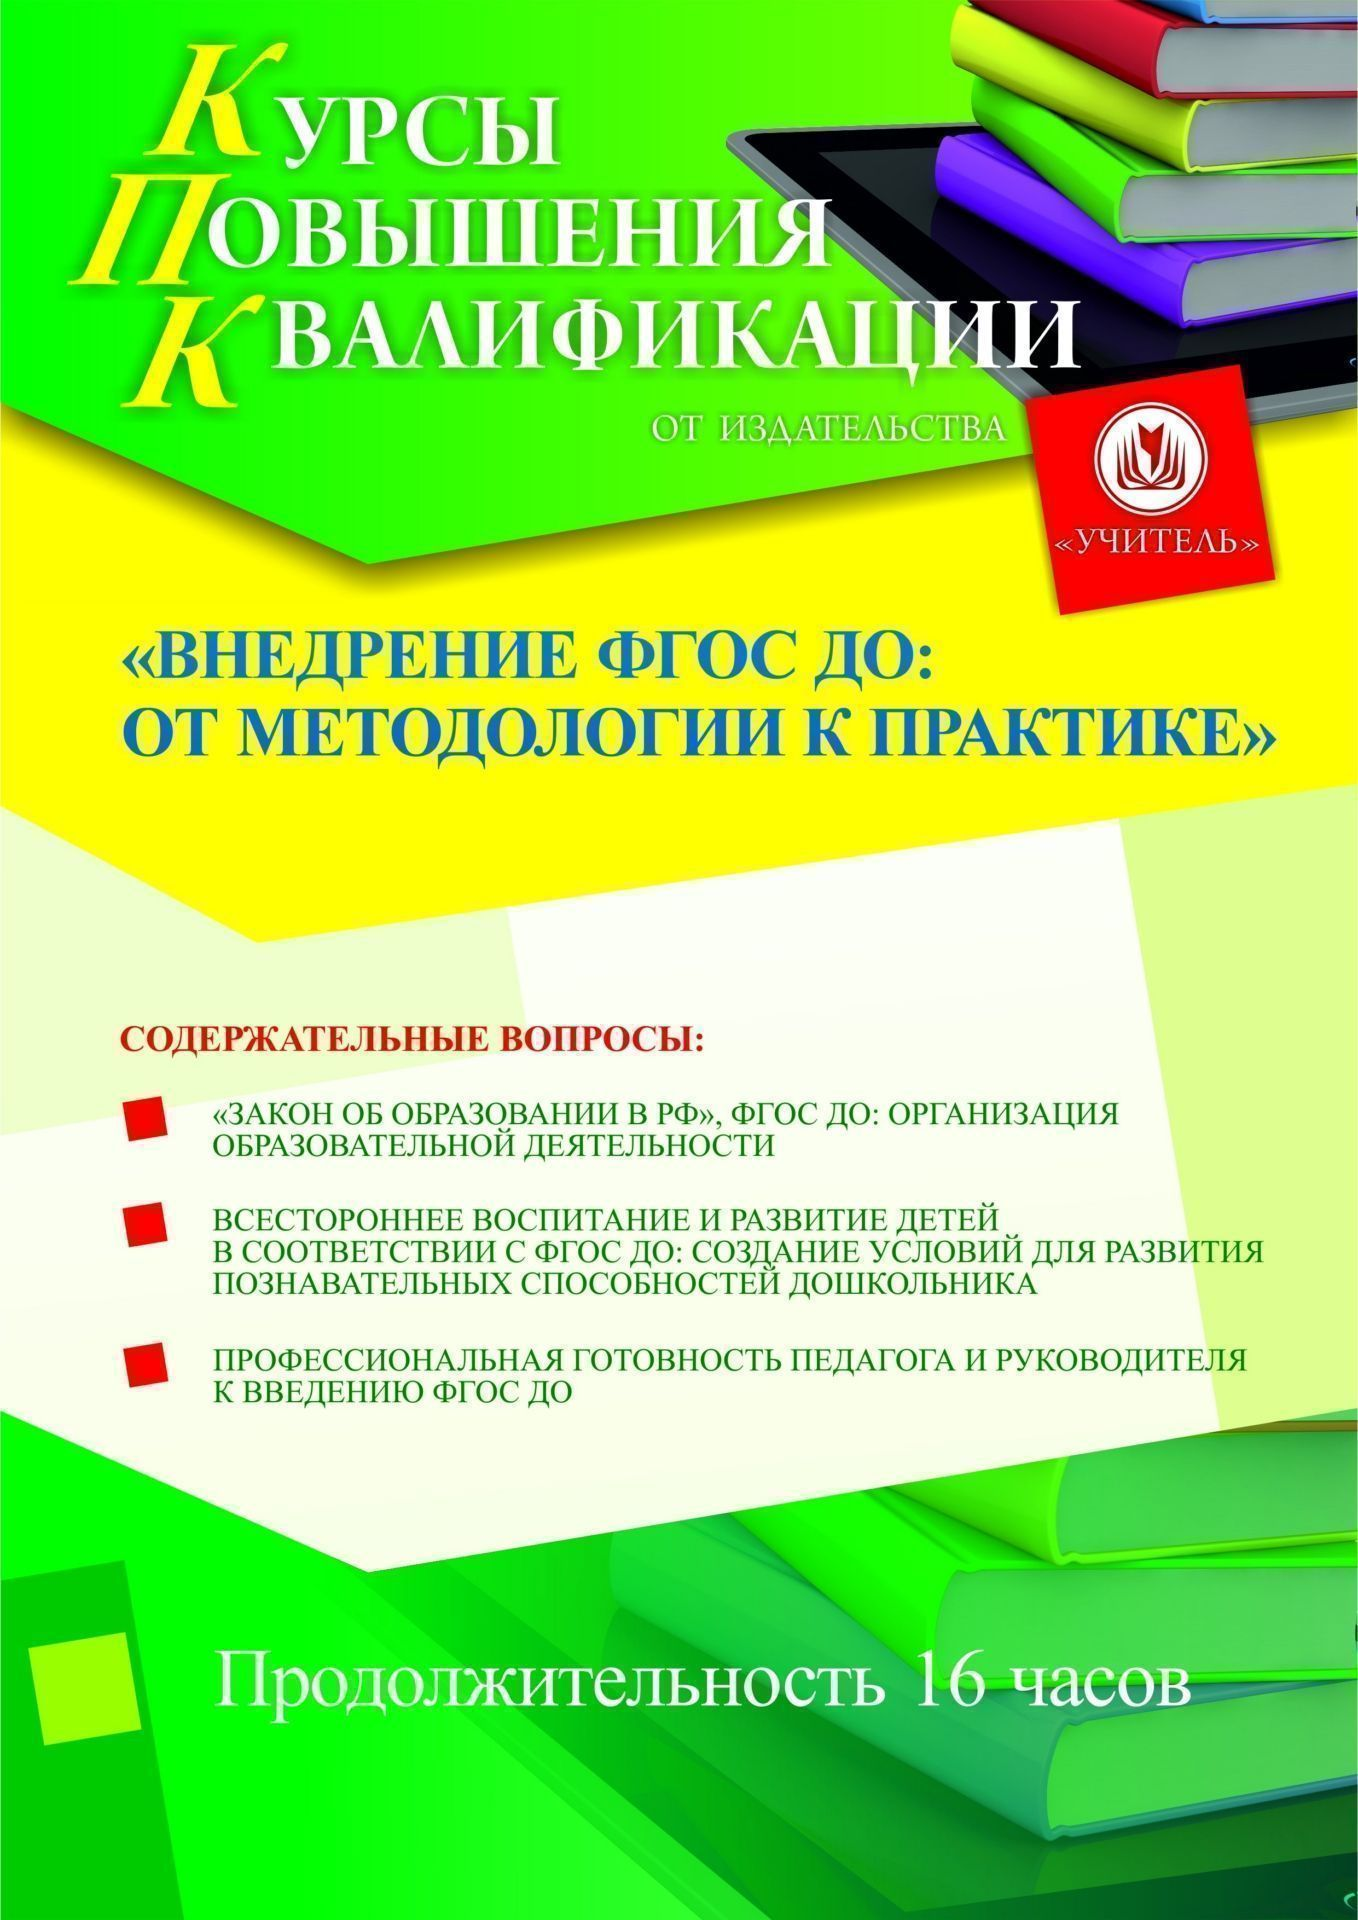 Внедрение ФГОС ДО: от методологии к практике (16 ч.) фото